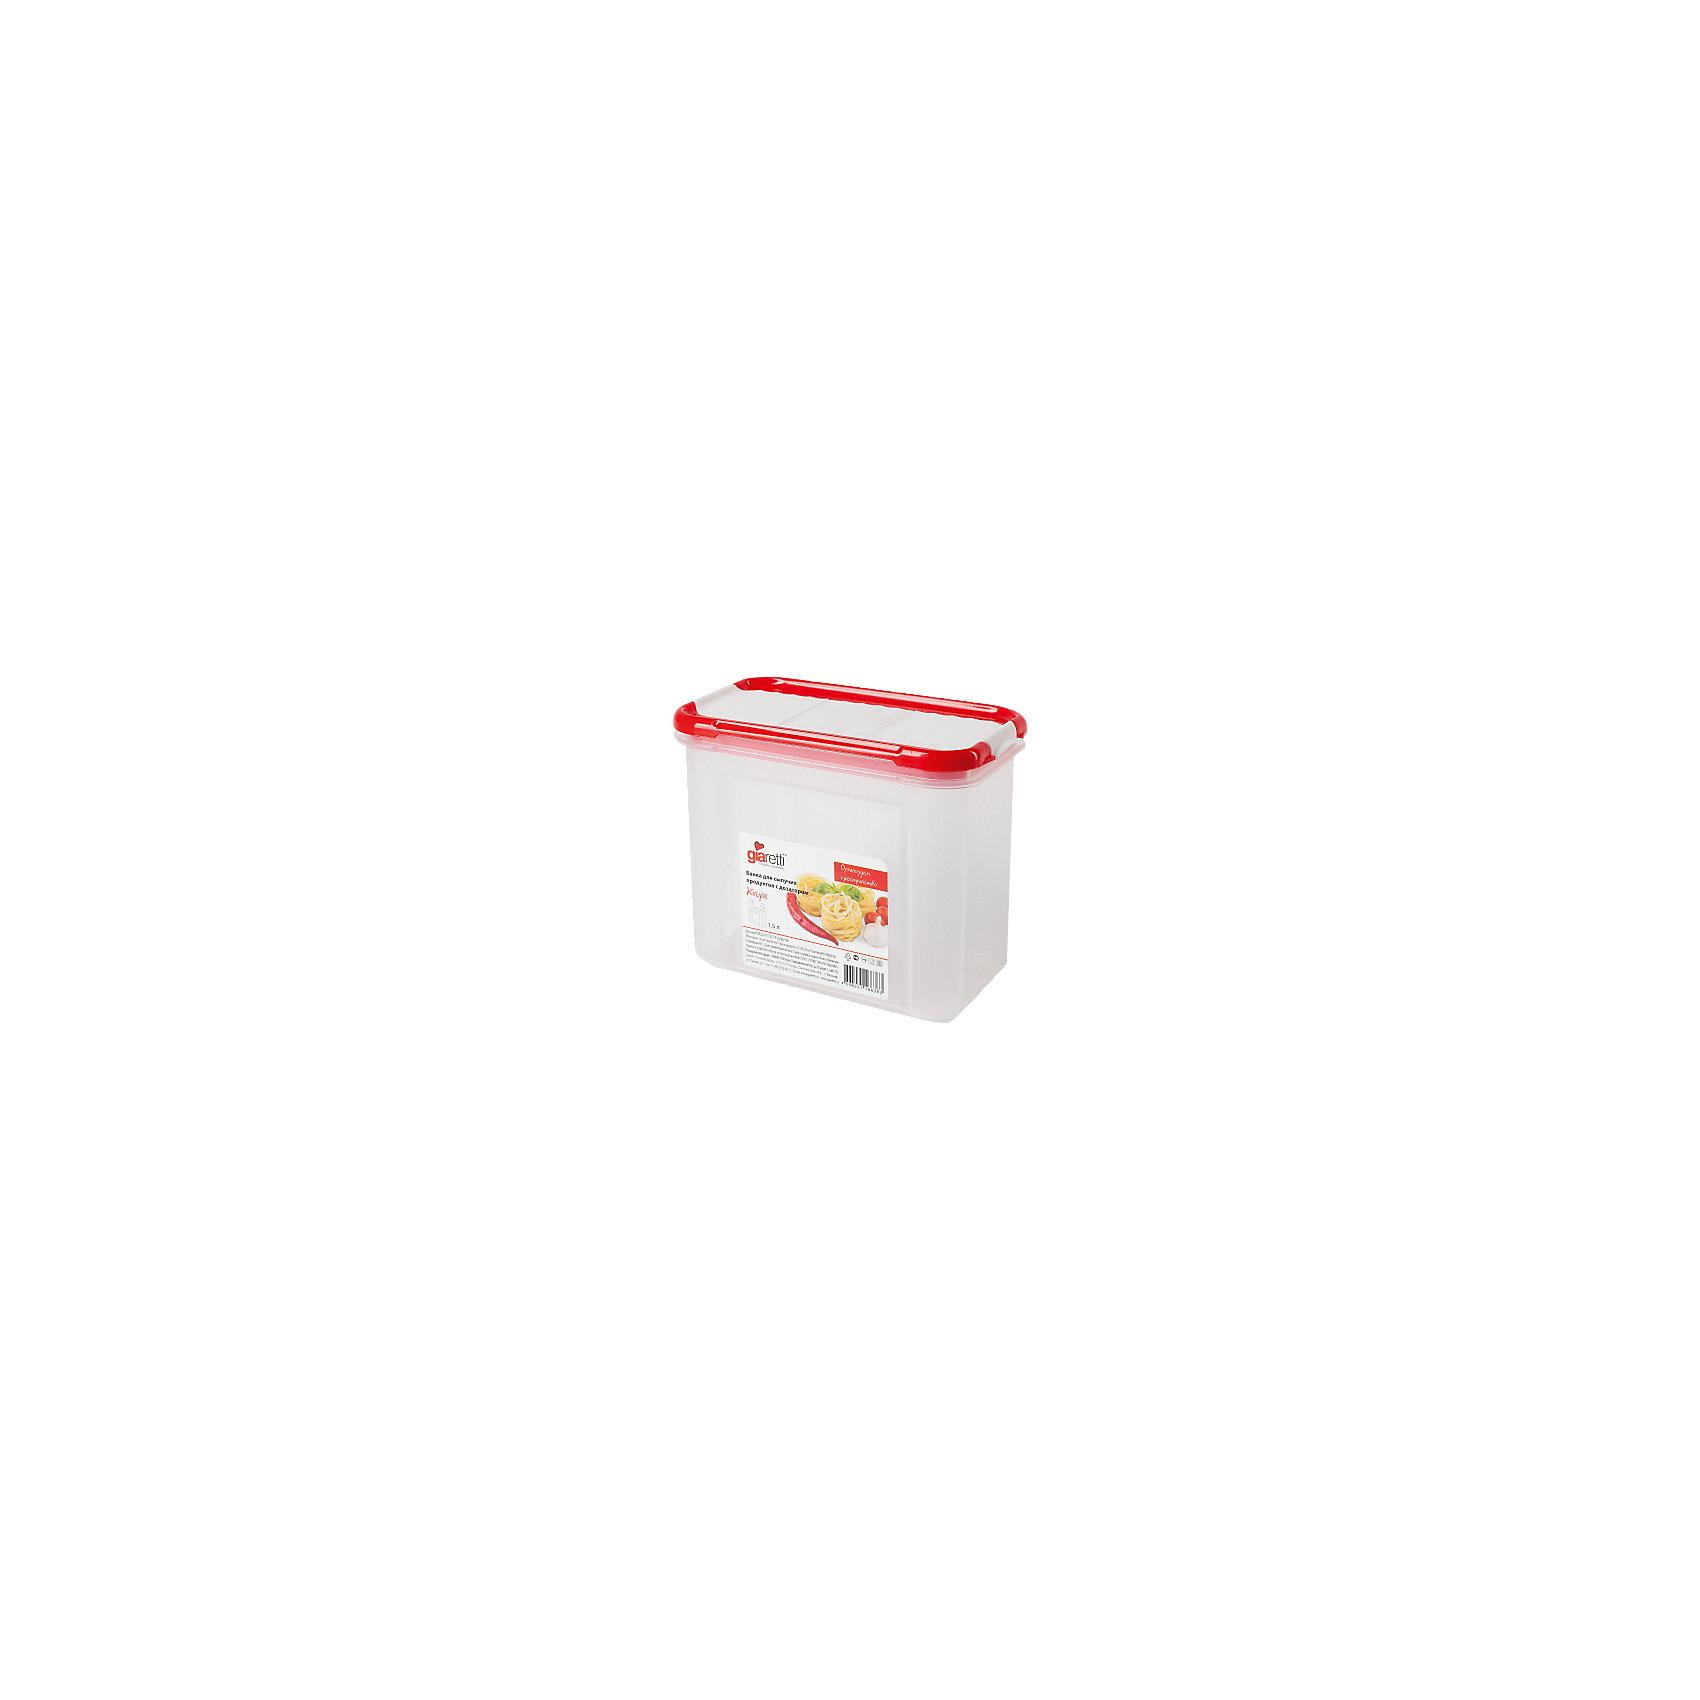 Банка для сыпучих продуктов с дозатором Krupa 1 л, GiarettiПосуда<br>Банка для сыпучих продуктов с дозатором Krupa 1 л, Giaretti<br><br>Характеристики:<br><br>• Материал: пластик<br>• В комплекте: 1 штука<br>• Объем: 1 литр<br>• Используется: для сыпучих продуктов<br><br>Банки данной серии снабжены плотной крышкой, благодаря чему в них удобно хранить даже специи, ведь они не пропускают запаха. Так же банка может использоваться для хранения сыпучих продуктов - круп, сахара, макарон и тд. Благодаря тому, что изделие изготовлено из высококачественного пищевого пластика, оно не влияет на вкус и запах хранящихся продуктов, а удобная форма позволят хранить не использующиеся банки, ставя их друг в друга для экономии пространства. Банка оснащена дозатором для высыпания. <br><br>Банка для сыпучих продуктов с дозатором Krupa 1 л, Giaretti можно купить в нашем интернет-магазине.<br><br>Ширина мм: 172<br>Глубина мм: 88<br>Высота мм: 133<br>Вес г: 156<br>Возраст от месяцев: 216<br>Возраст до месяцев: 1188<br>Пол: Унисекс<br>Возраст: Детский<br>SKU: 5545631